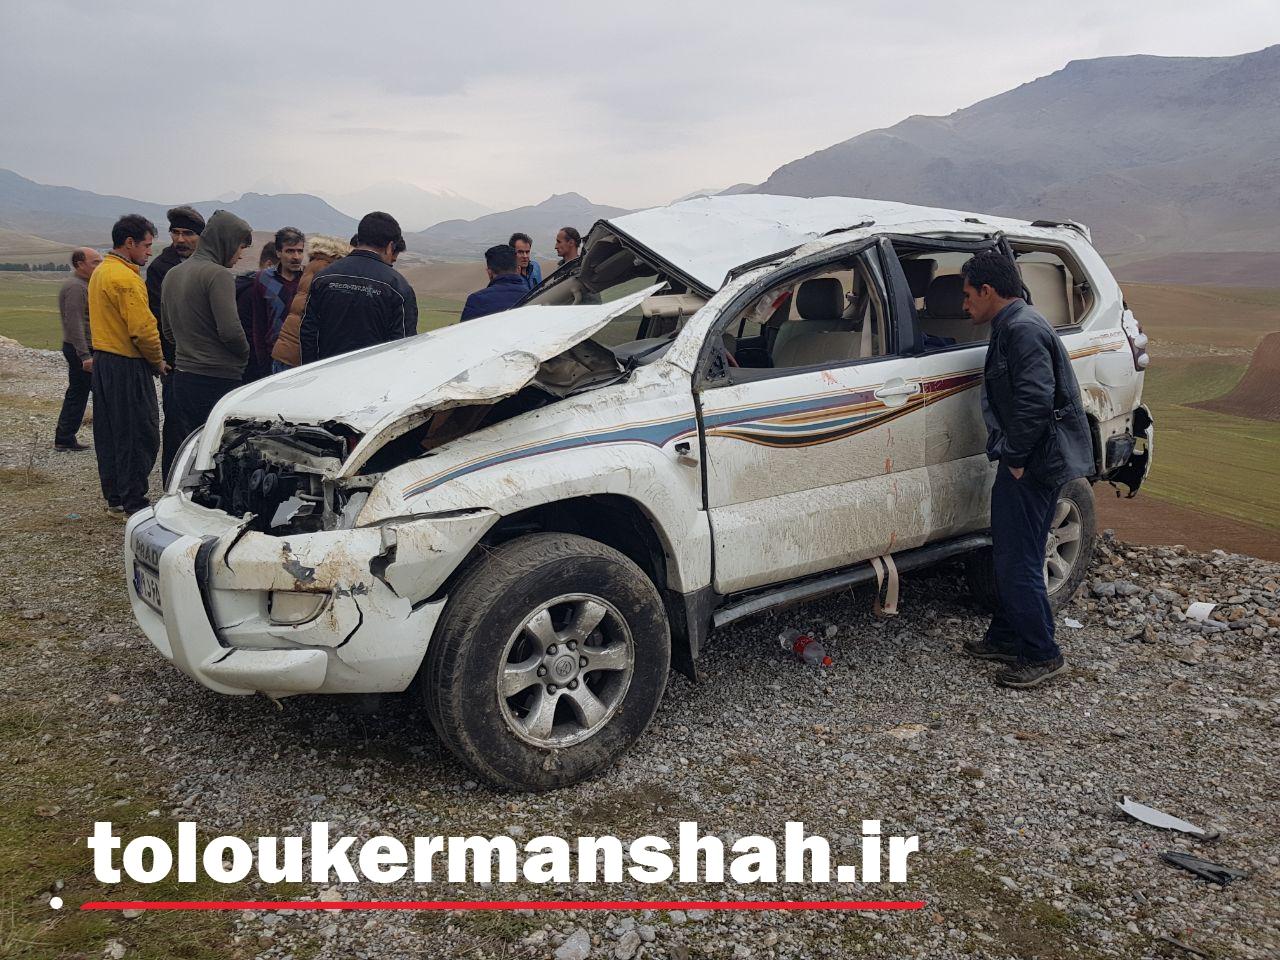 ۸ کشته و زخمی برا اثر واژگونی خودرو پرادو در محور کنگاور به صحنه